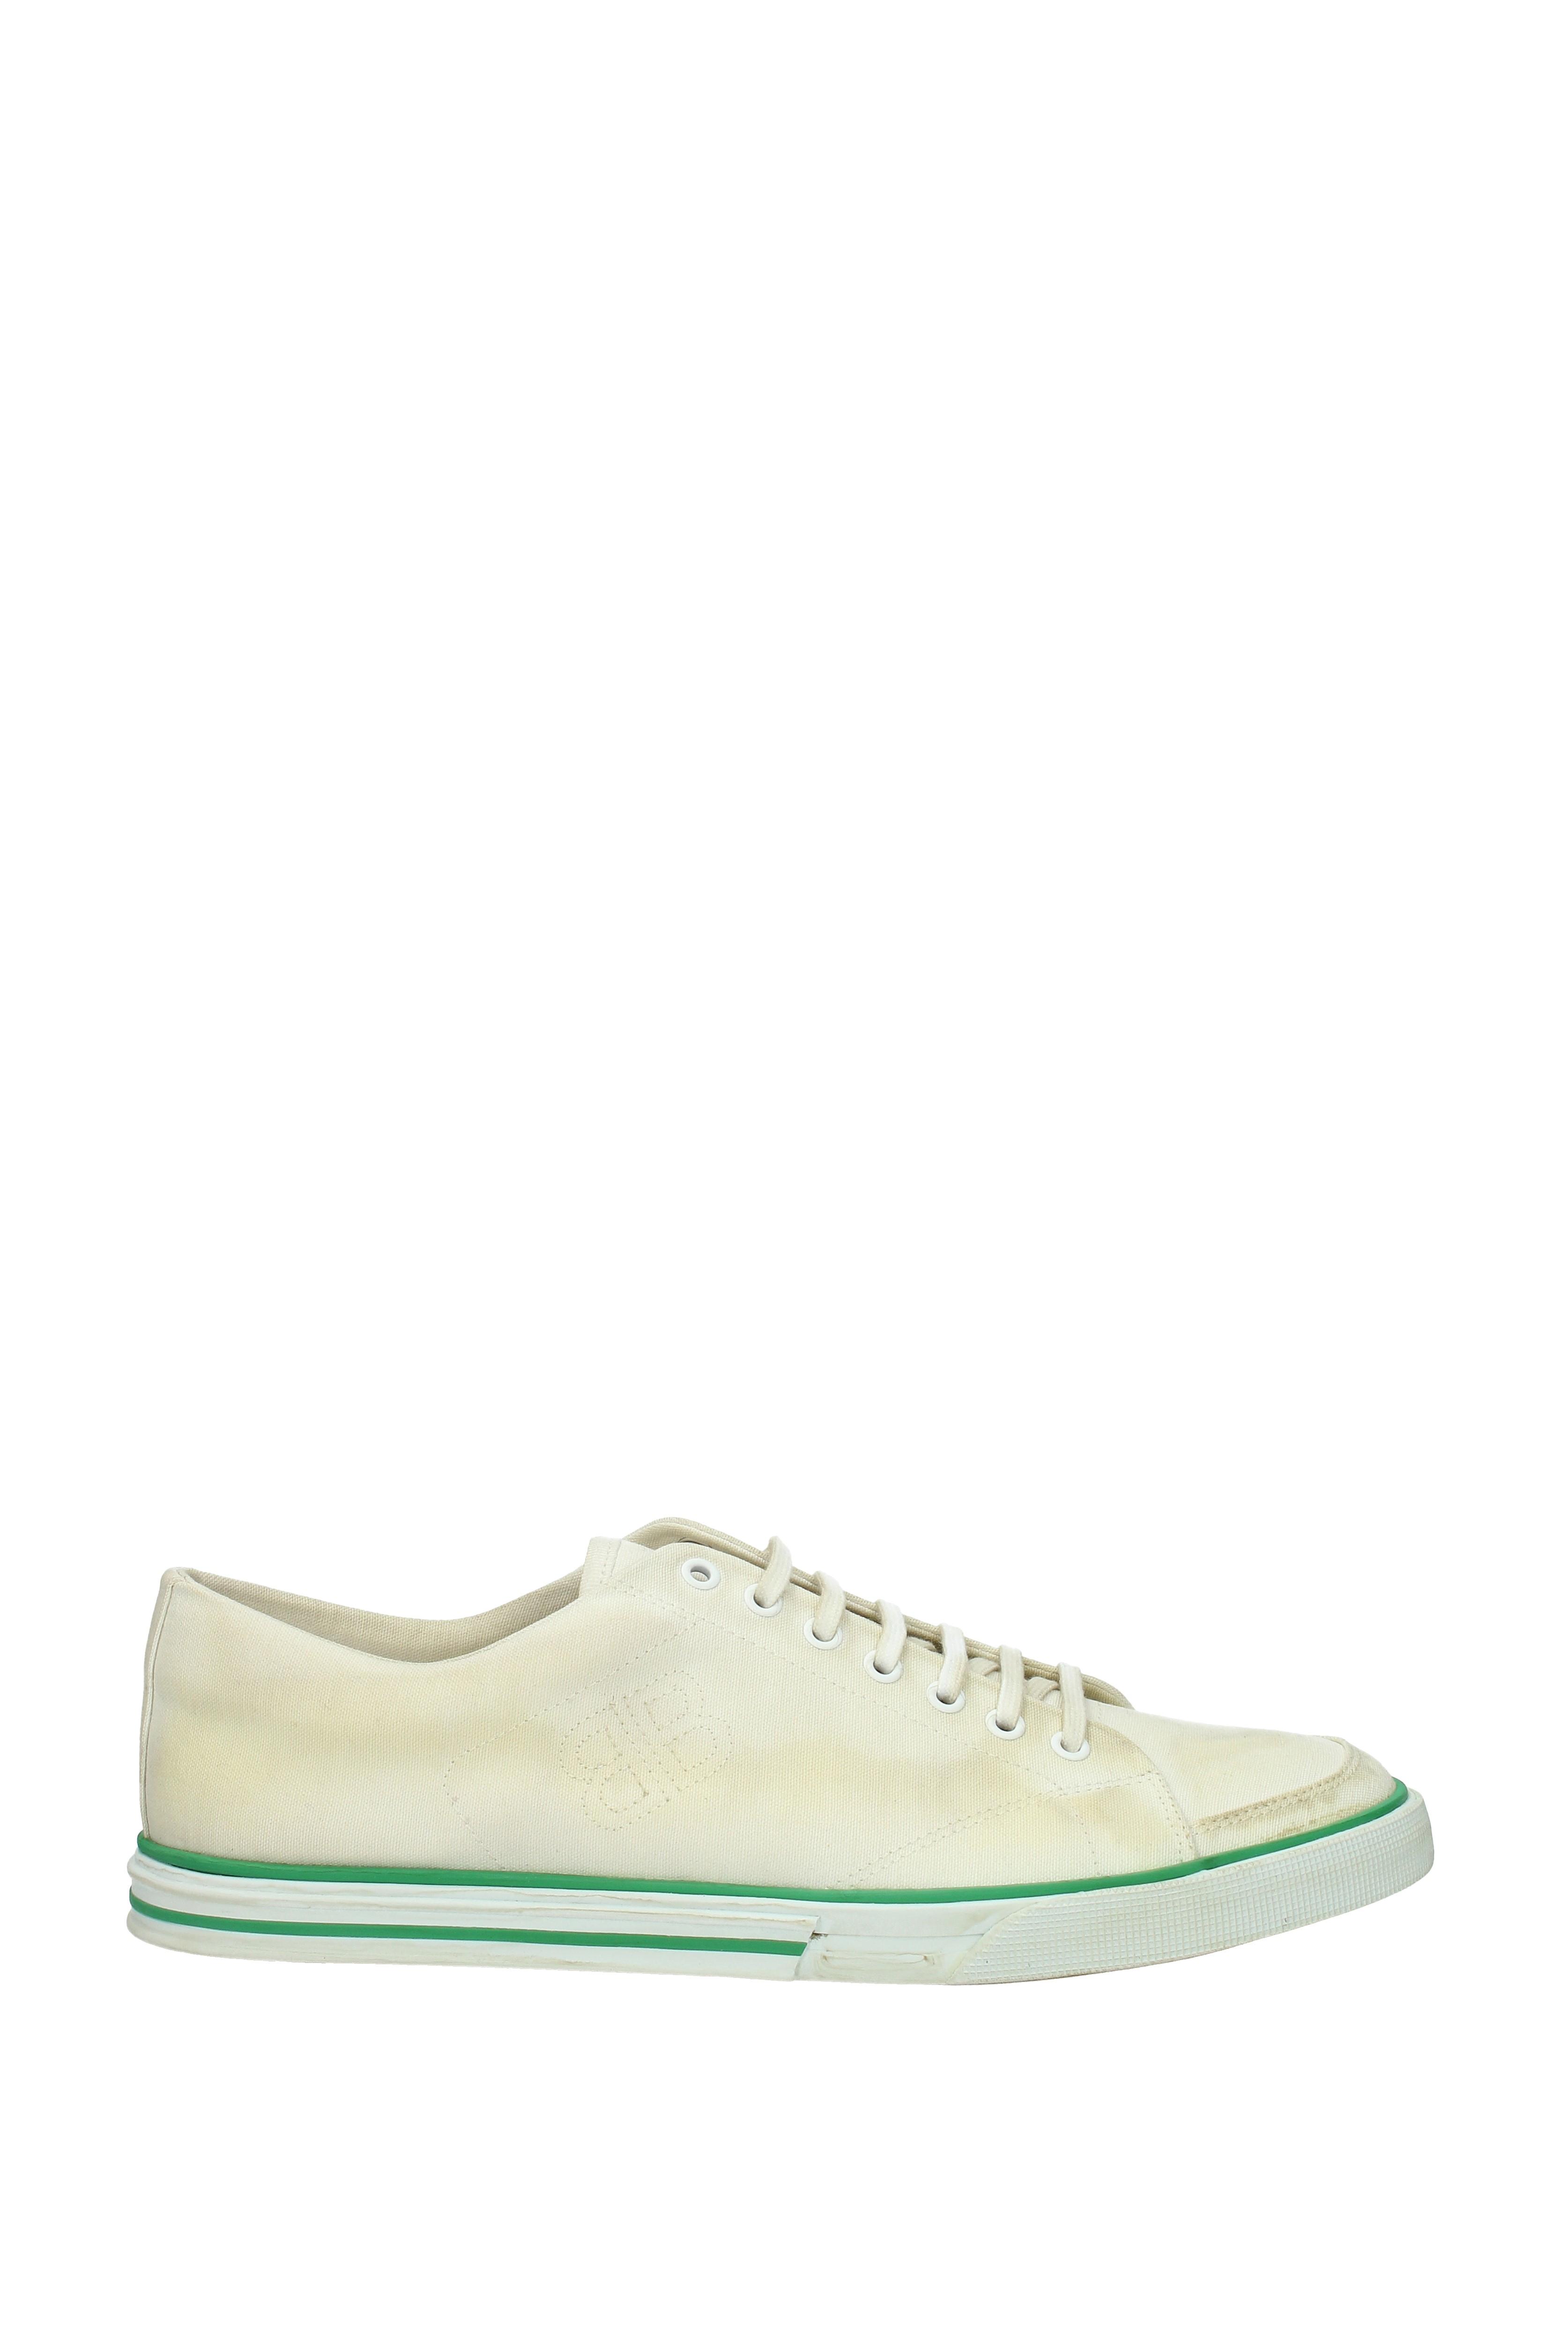 Scarpe uomo casual da uomo Scarpe  Sneakers Balenciaga uomo - Fabric  (506333W0701) 699900